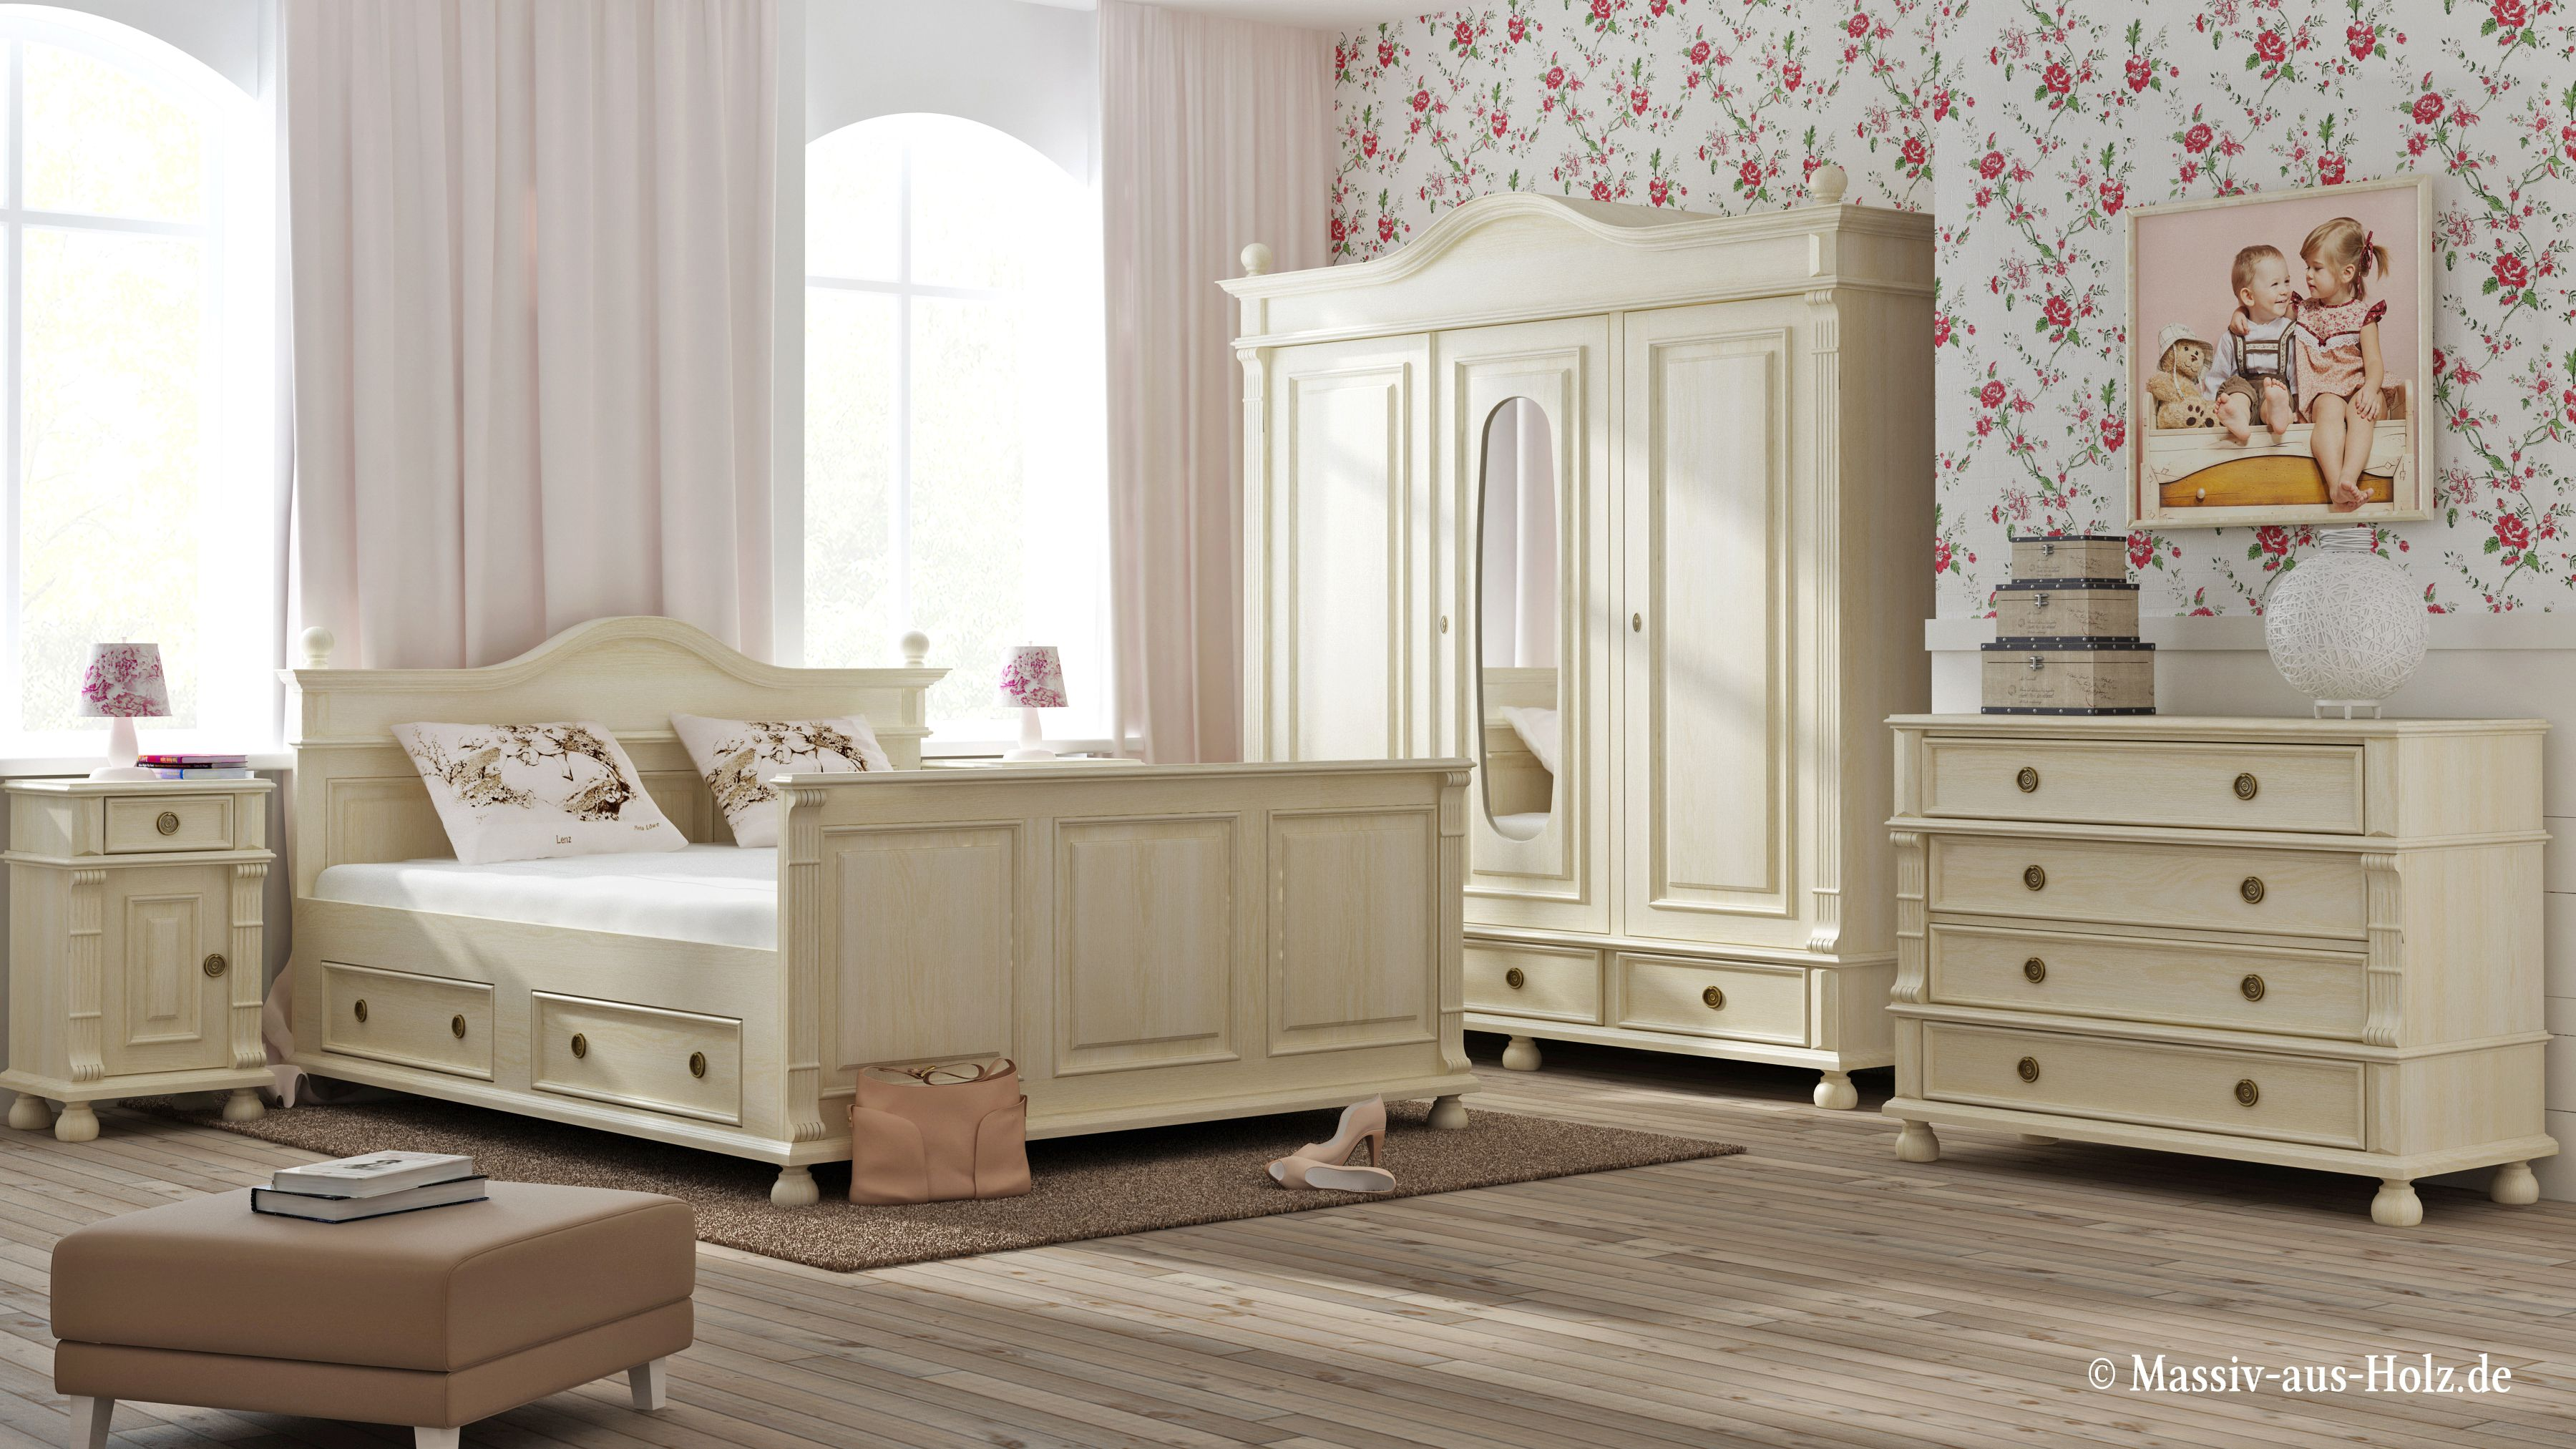 Wer Landhaus mag, wird von dem Schlafzimmer begeistert sein! www ...